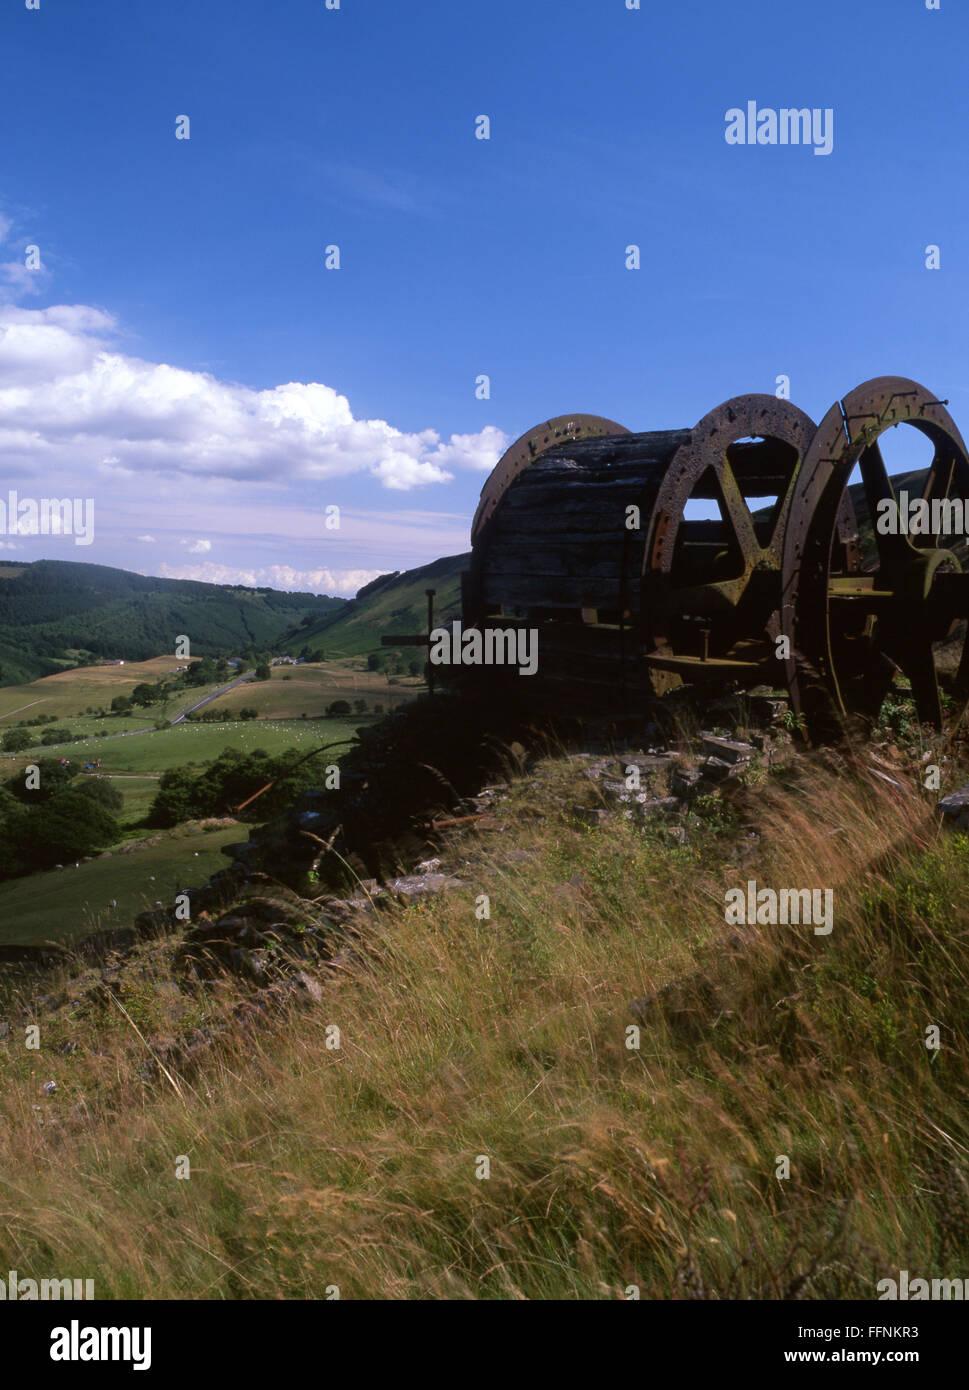 Bedwellty Pitts Steigung Motor in der Nähe von Tredegar Sirhowy Valley South Wales Valleys UK Stockbild